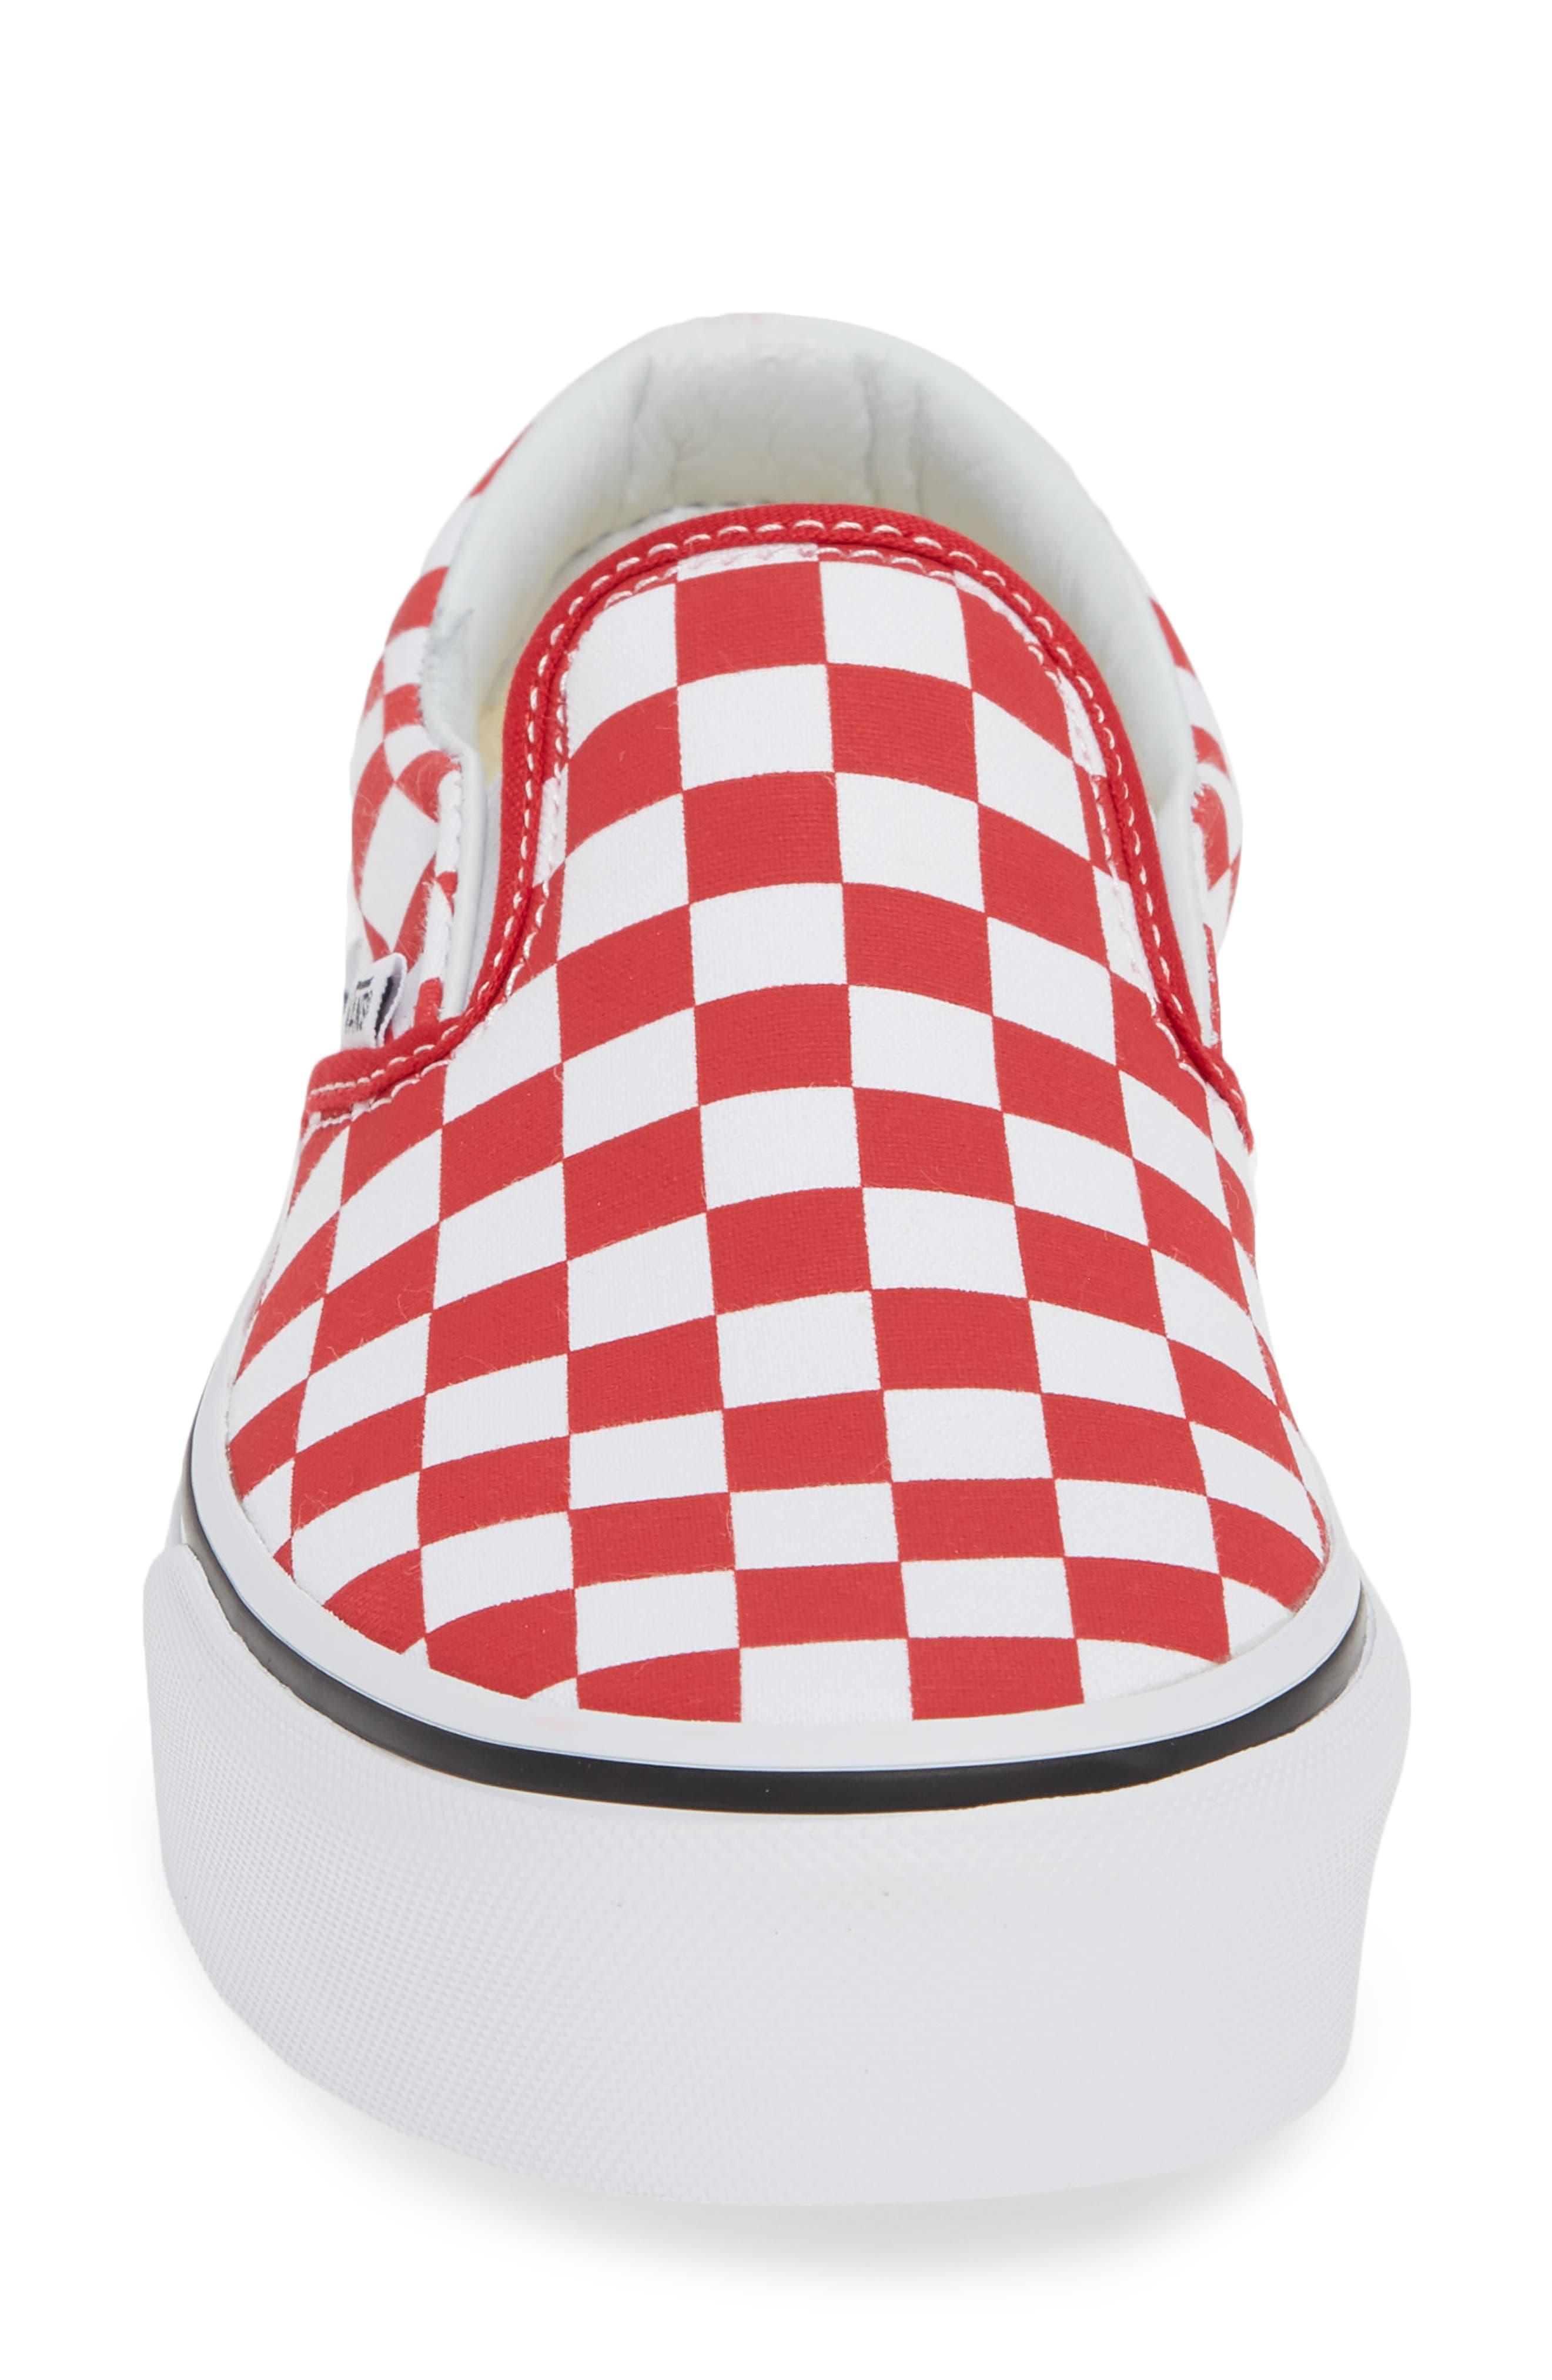 Platform Slip-On Sneaker,                             Alternate thumbnail 4, color,                             RACING RED/ TRUE WHITE